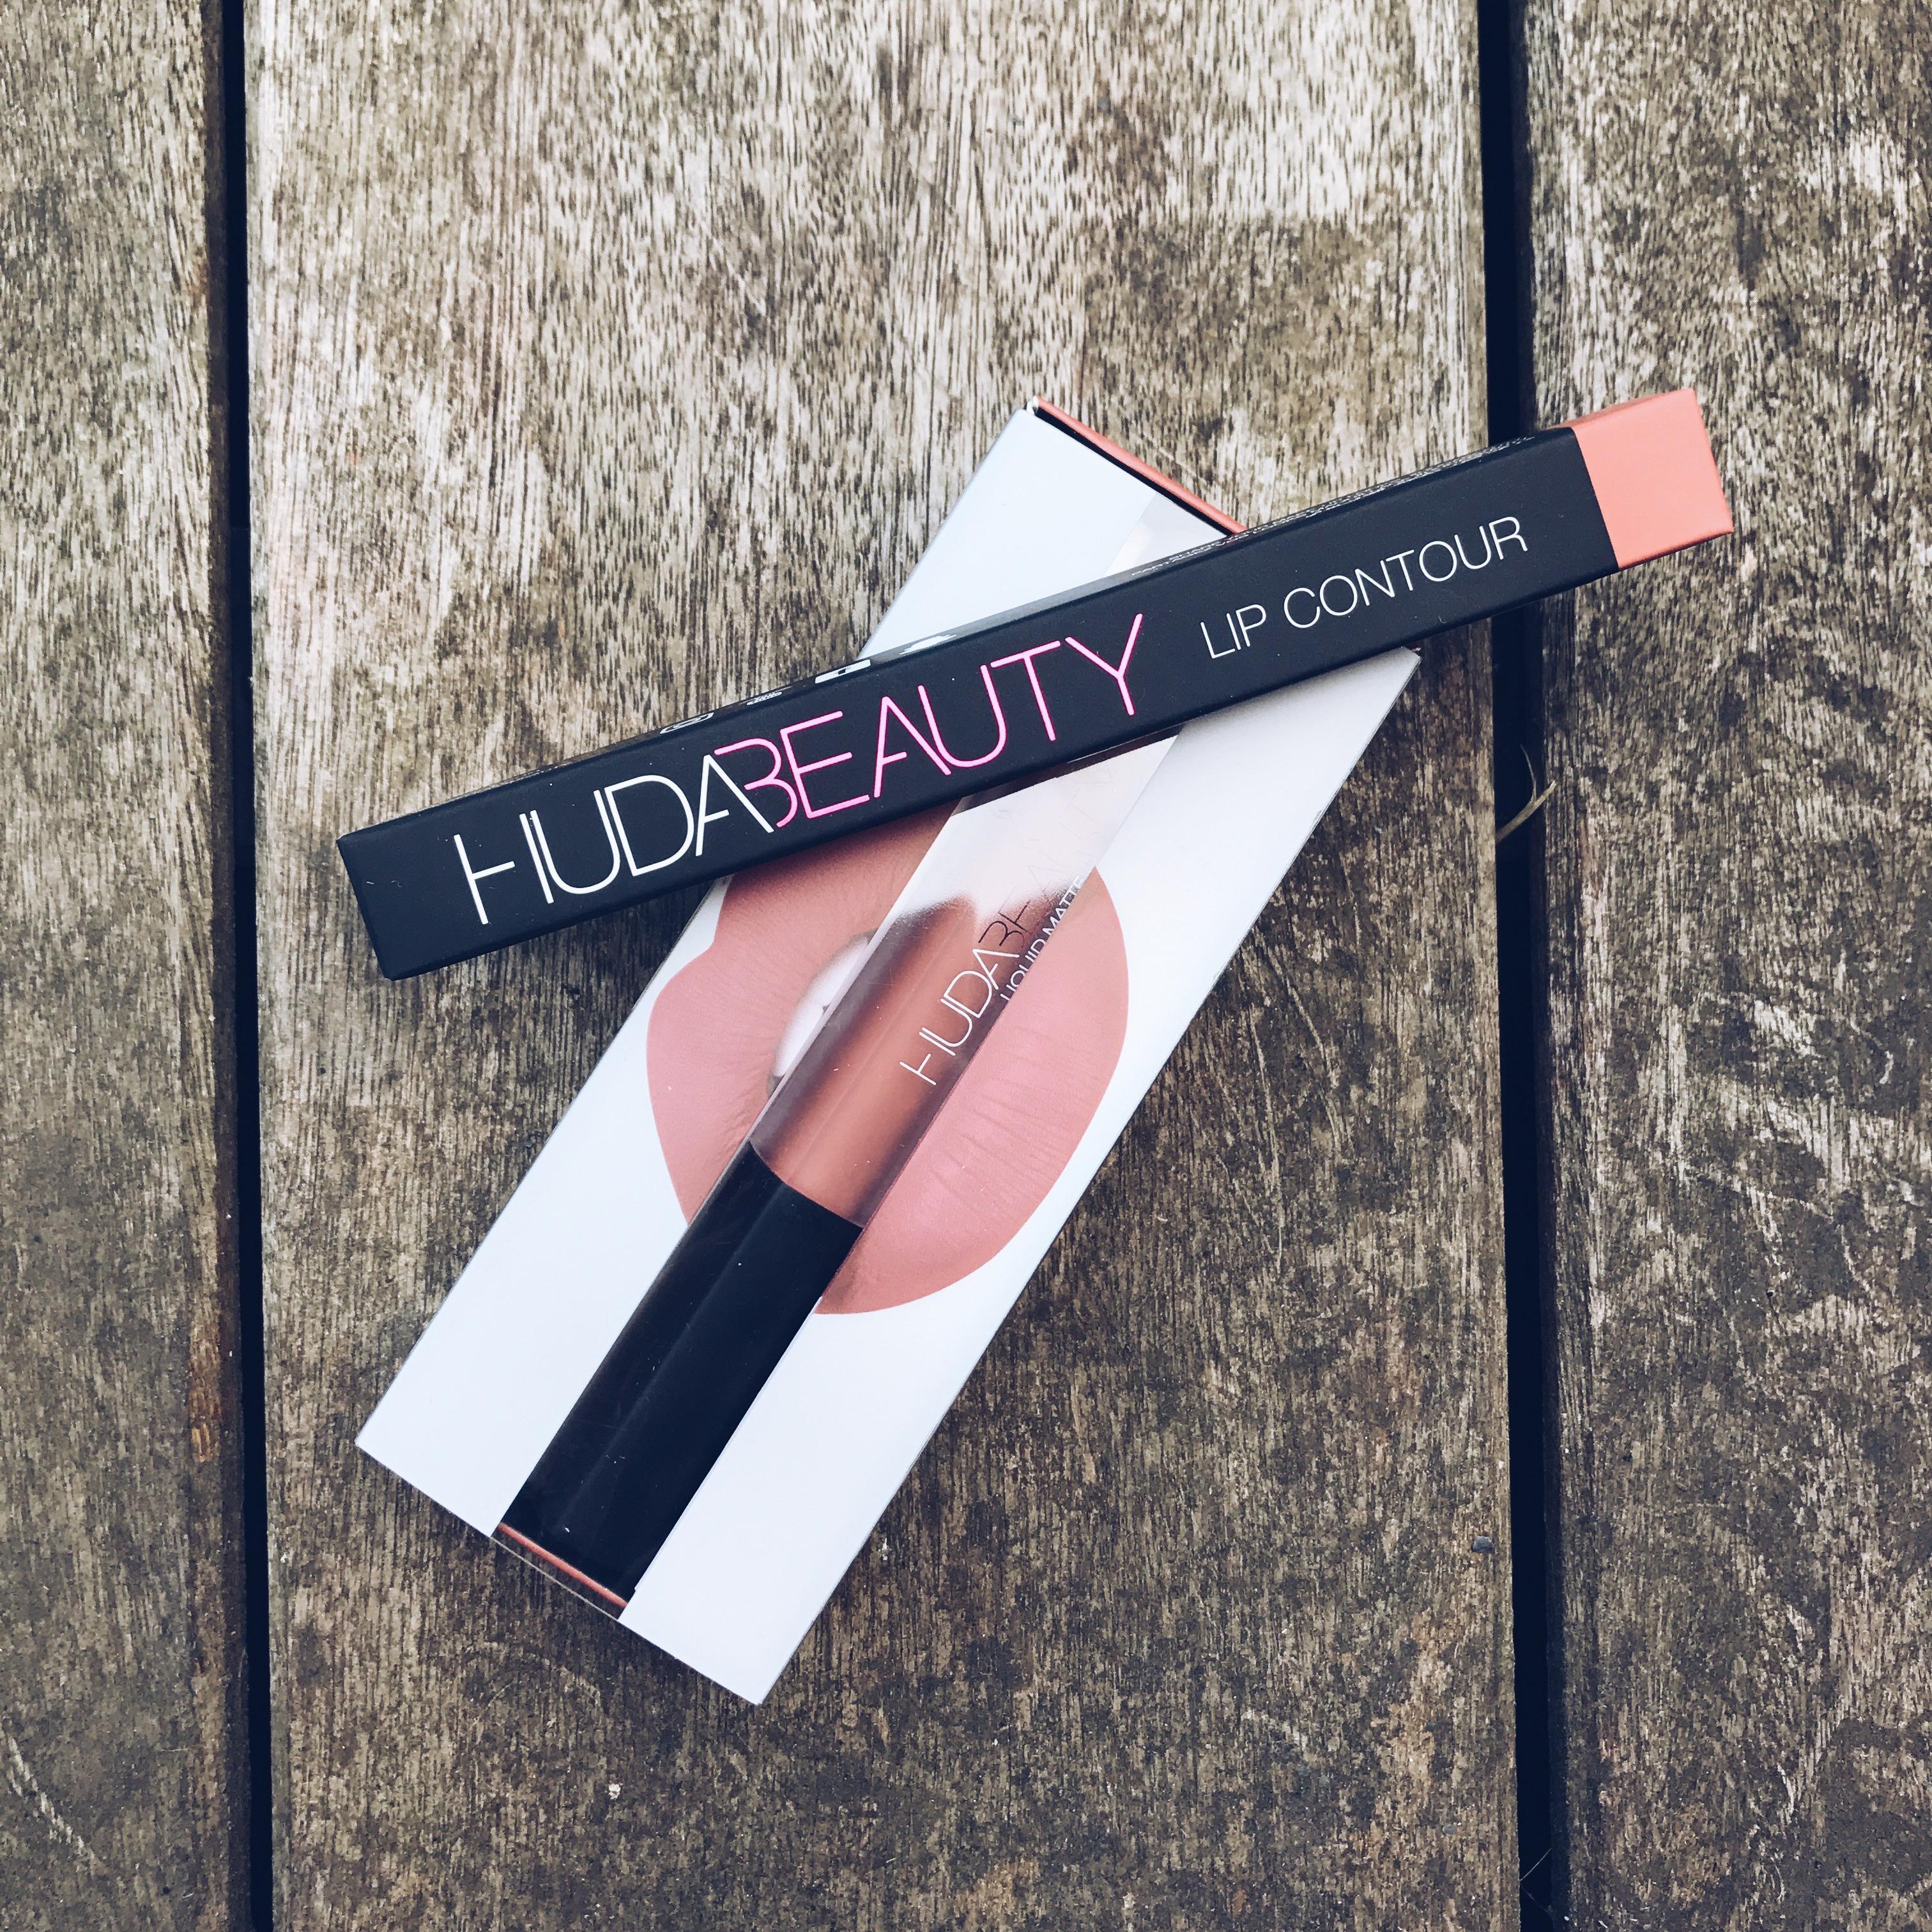 Contour Et De Au Le Liquid Huda Banc Lip Matte D'essai Beauty c3j4ALq5R